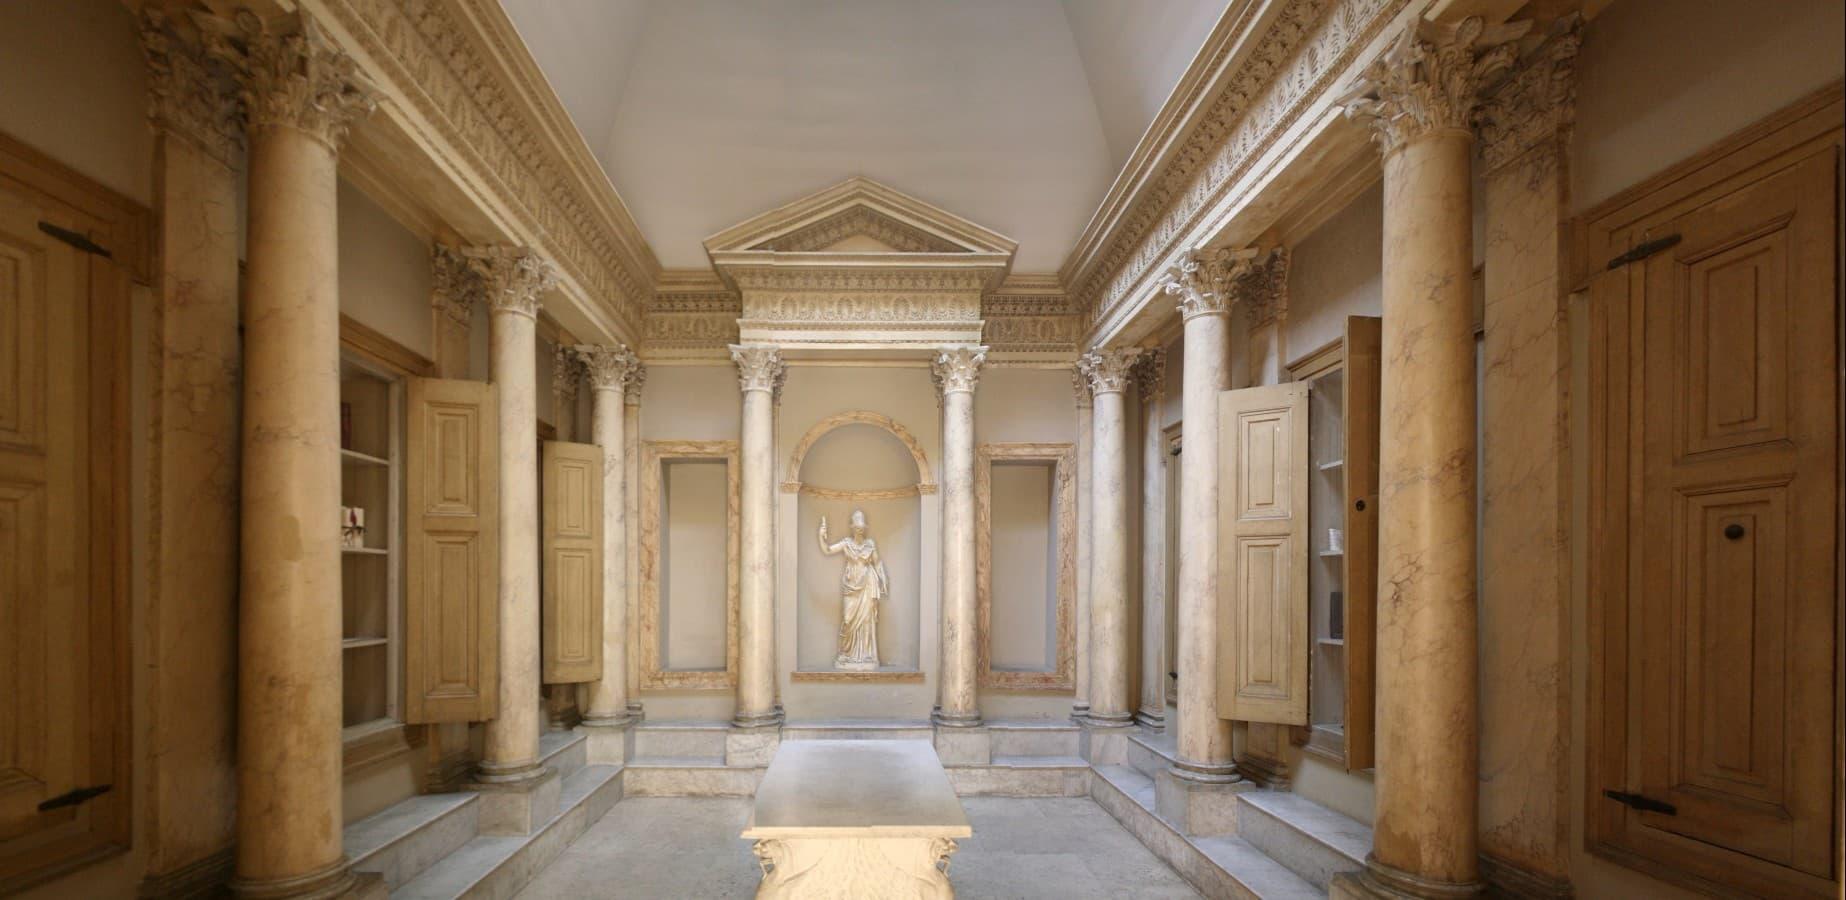 Реконструкция интерьера библиотеки Ульпия. Рим. 112 год.